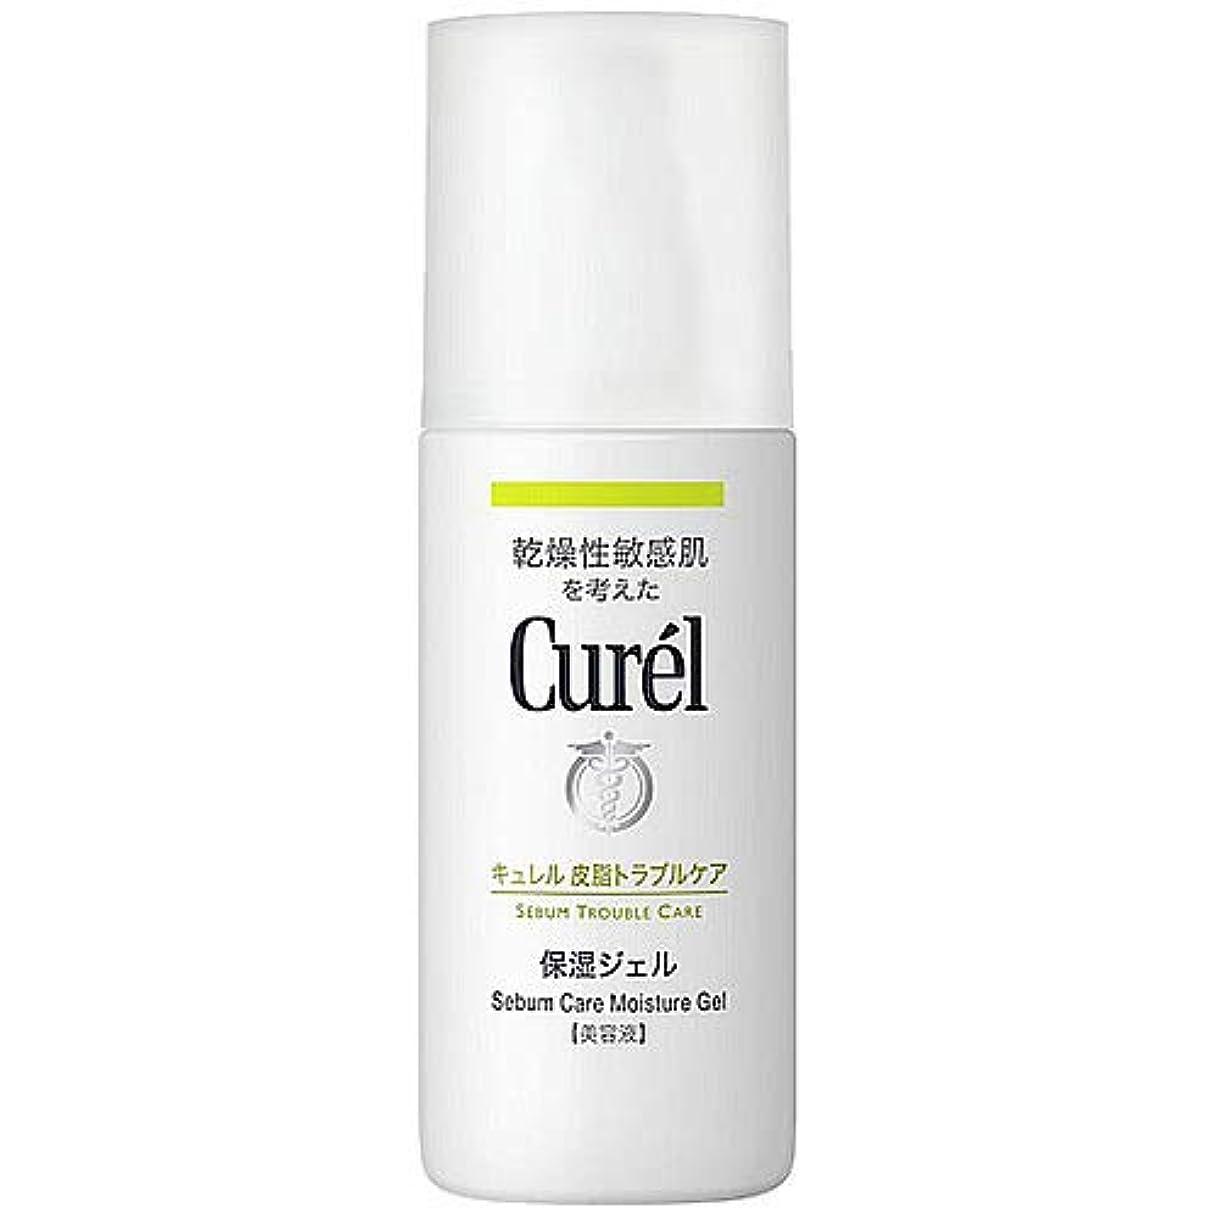 やりがいのある療法振るキュレル CUREL 皮脂トラブルケア 保湿ジェル 120ml [並行輸入品]